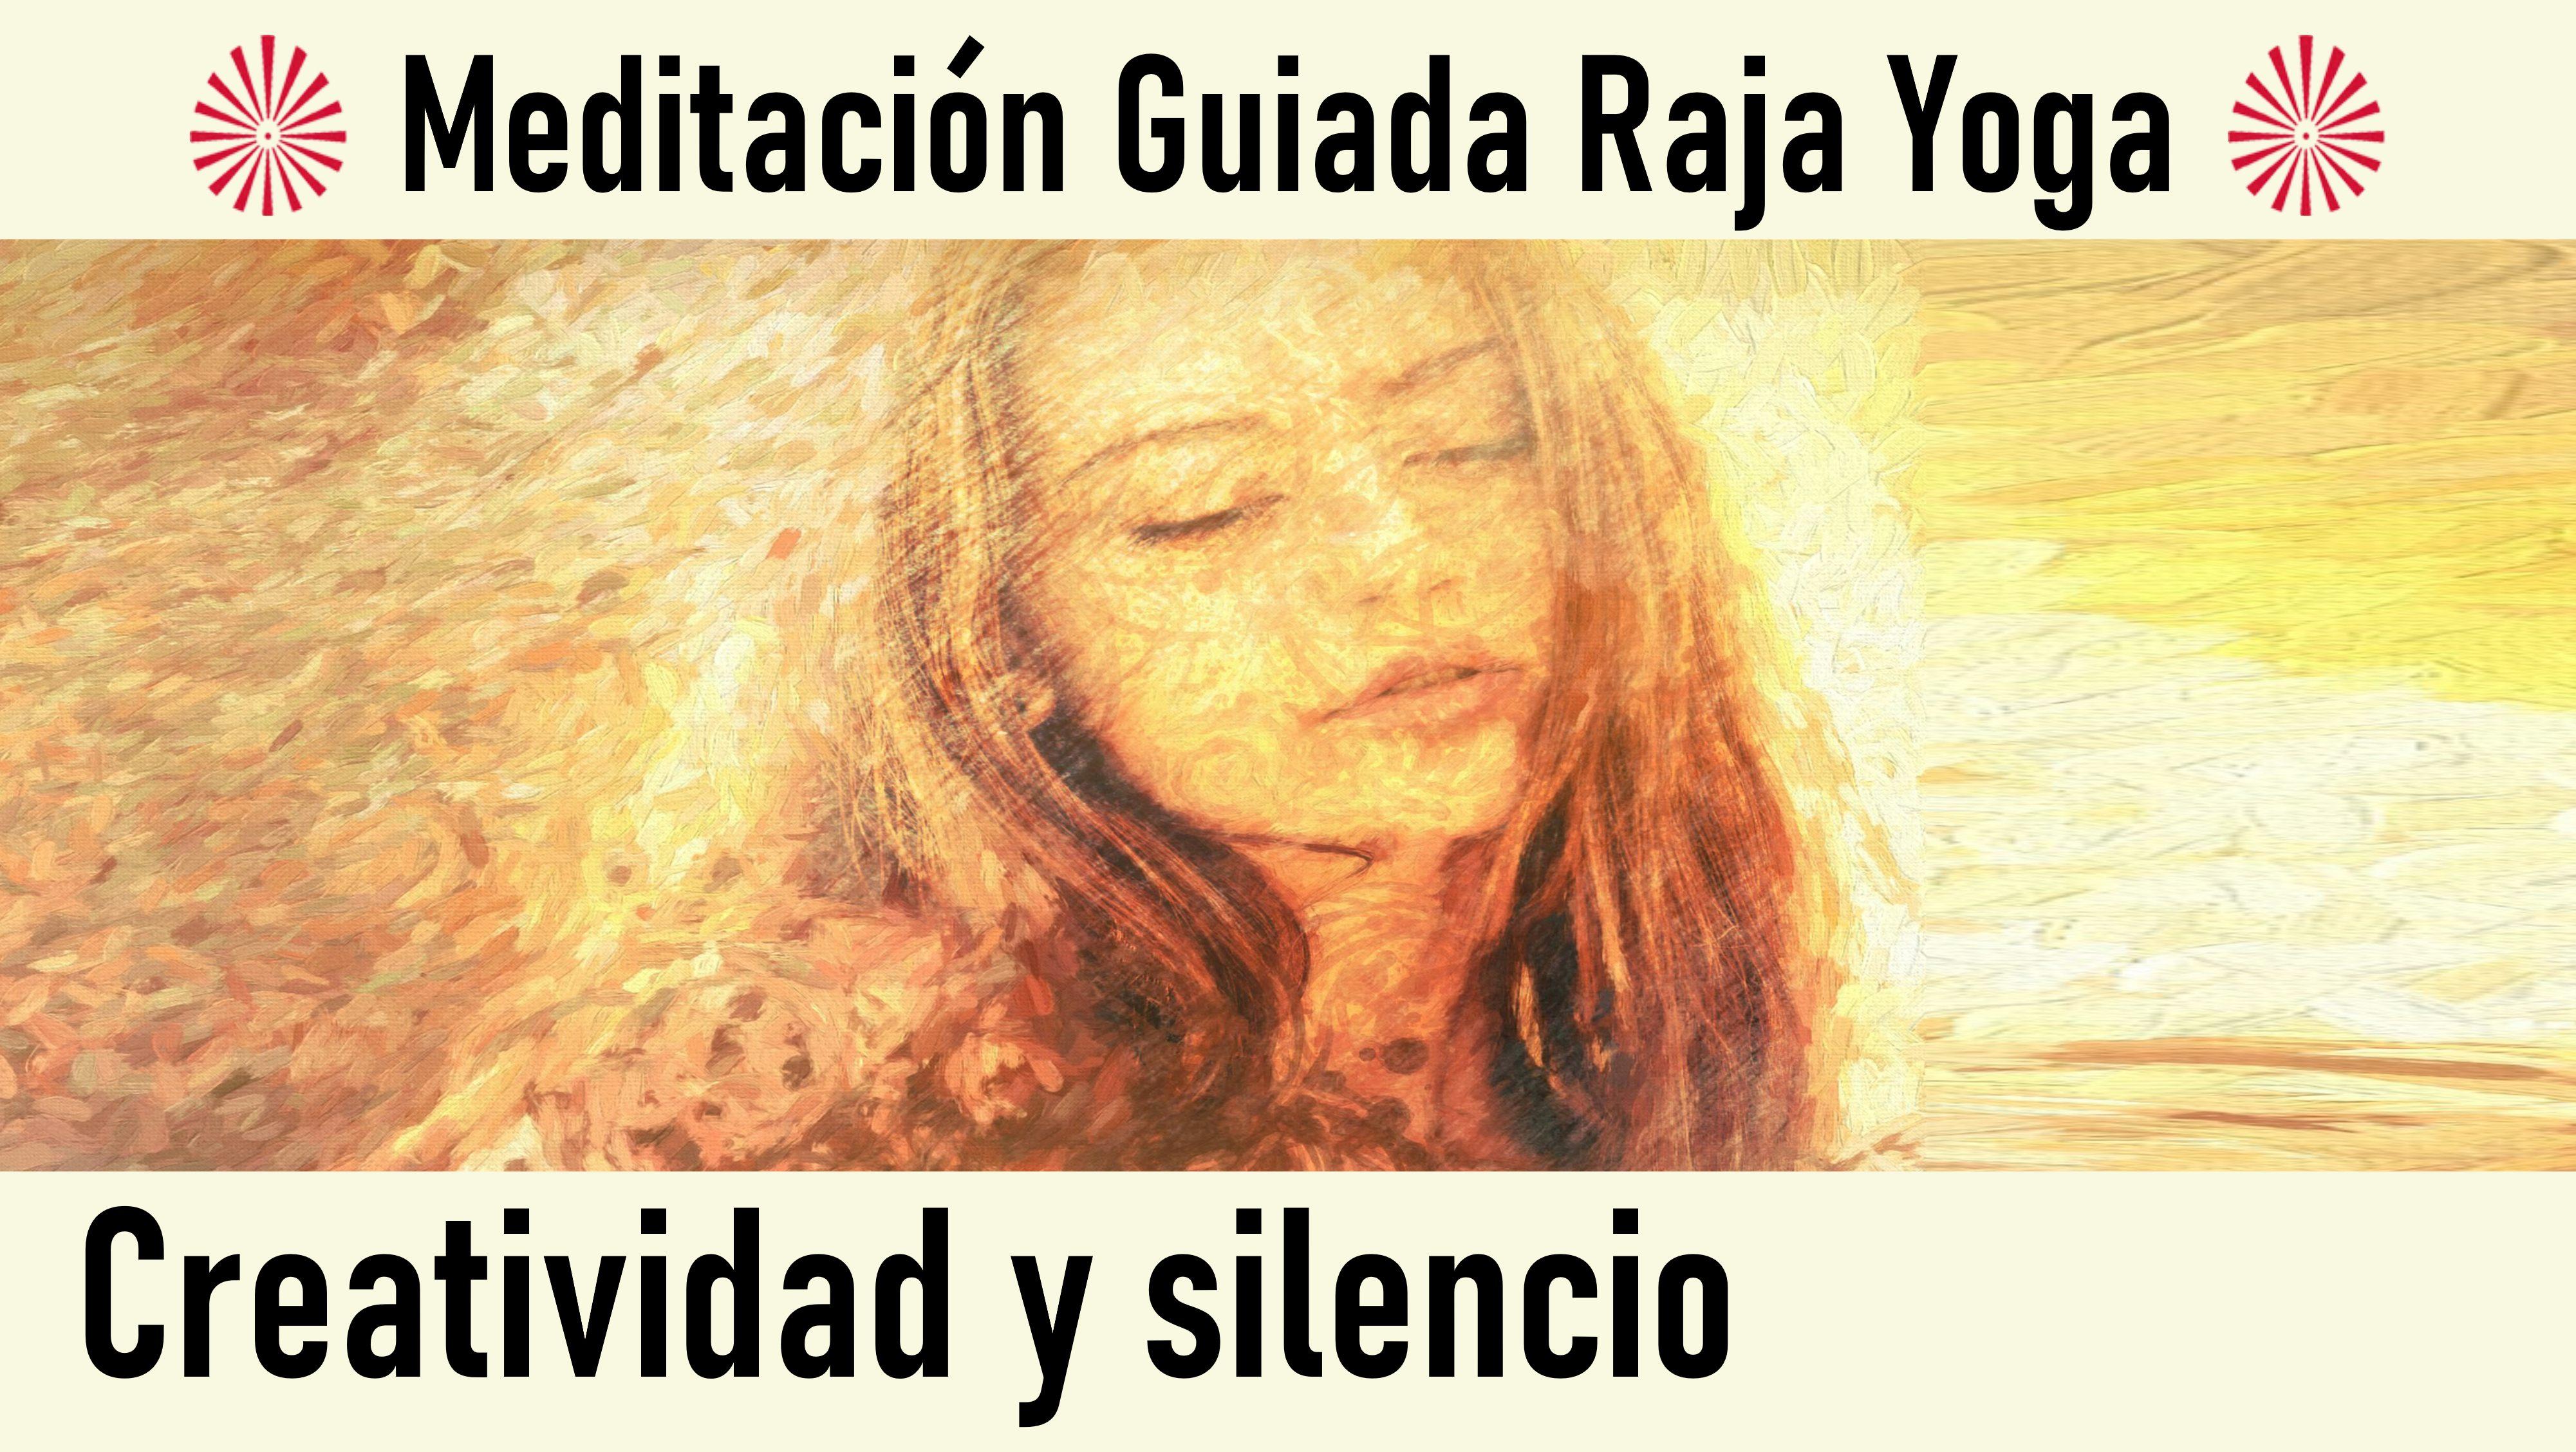 Meditación Raja Yoga: Creatividad y silencio (7 Agosto 2020) On-line desde Madrid